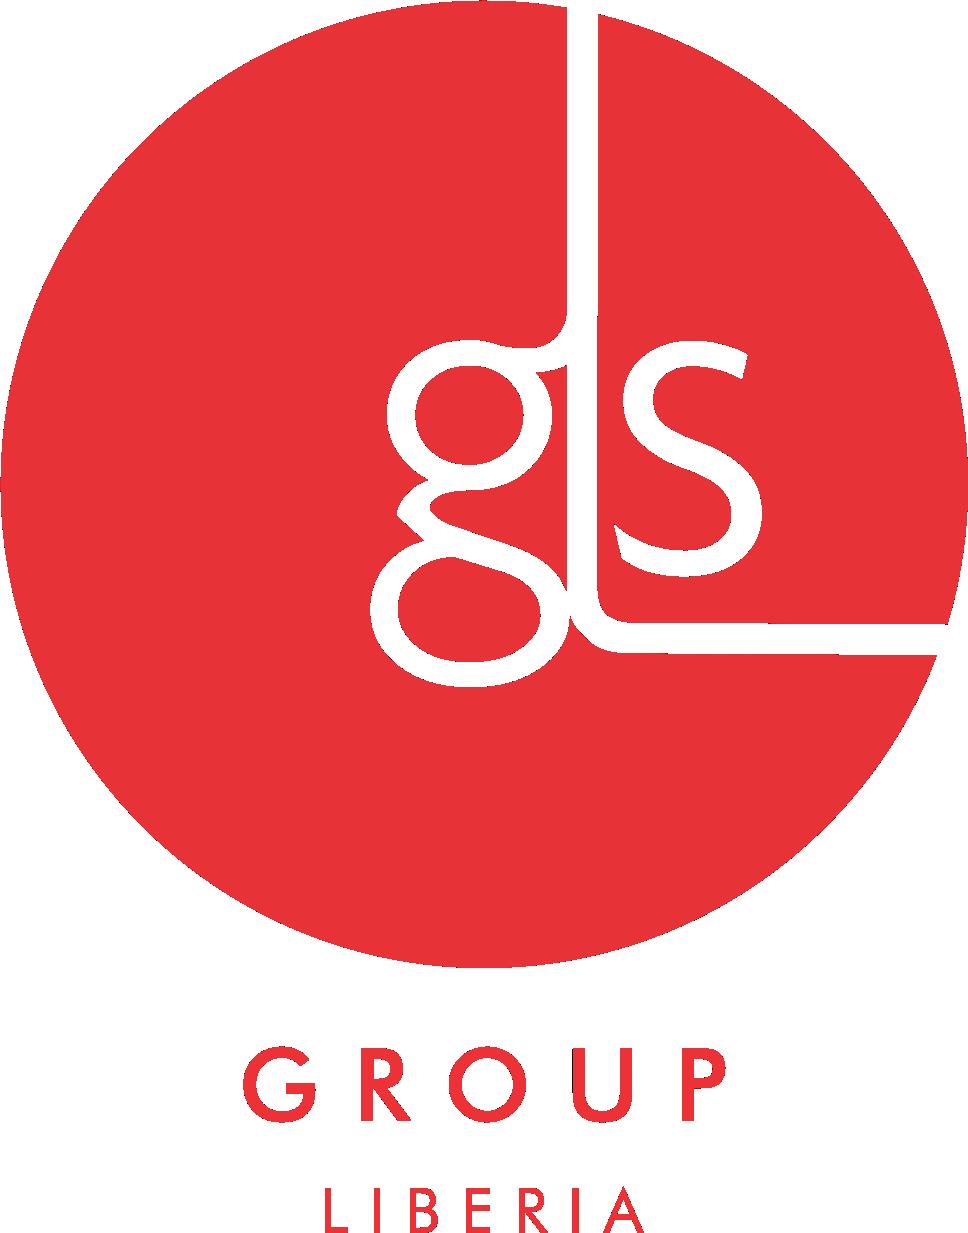 gls liberia logo